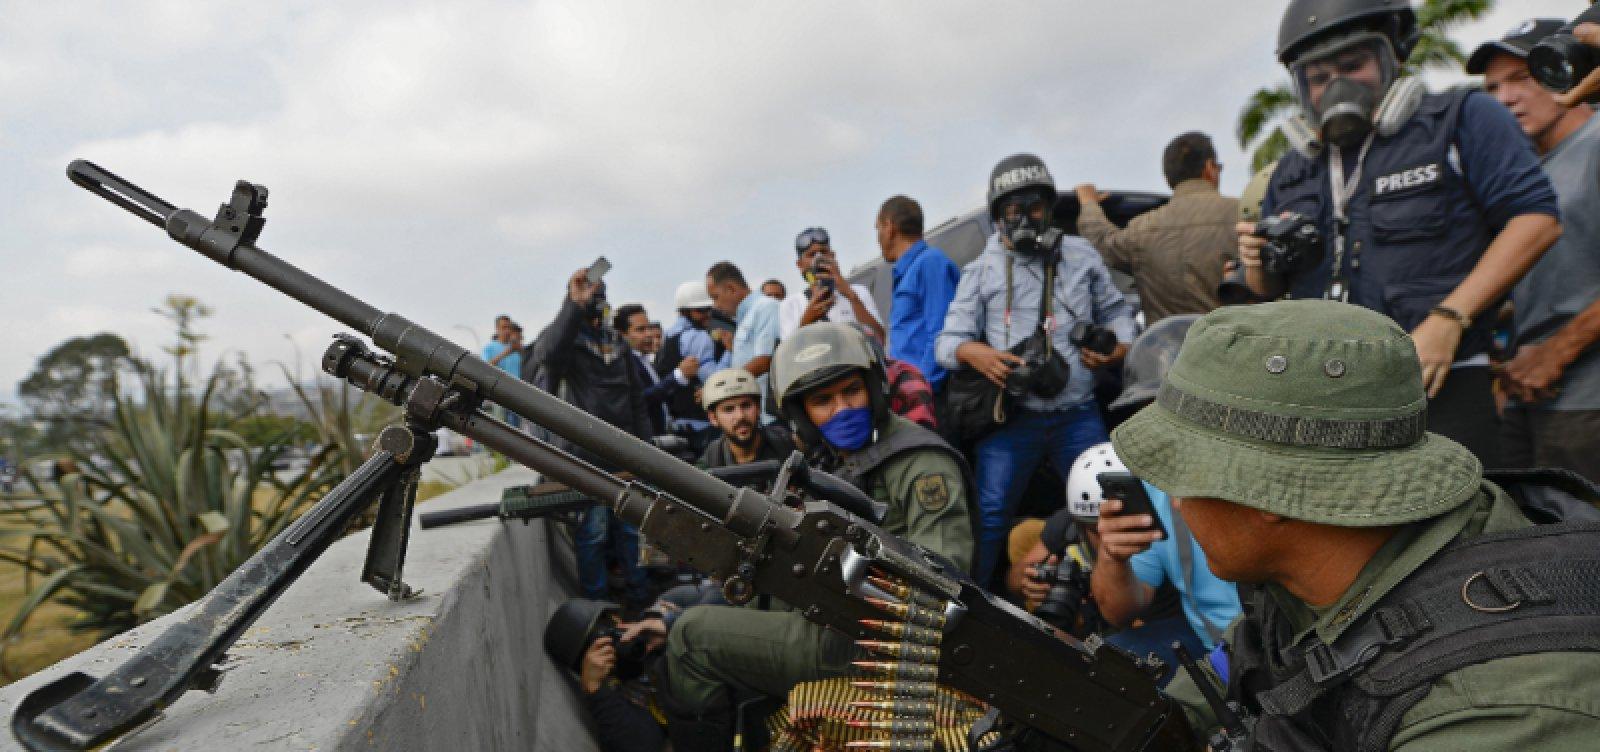 Brasil autoriza asilo a 25 militares venezuelanos em embaixada